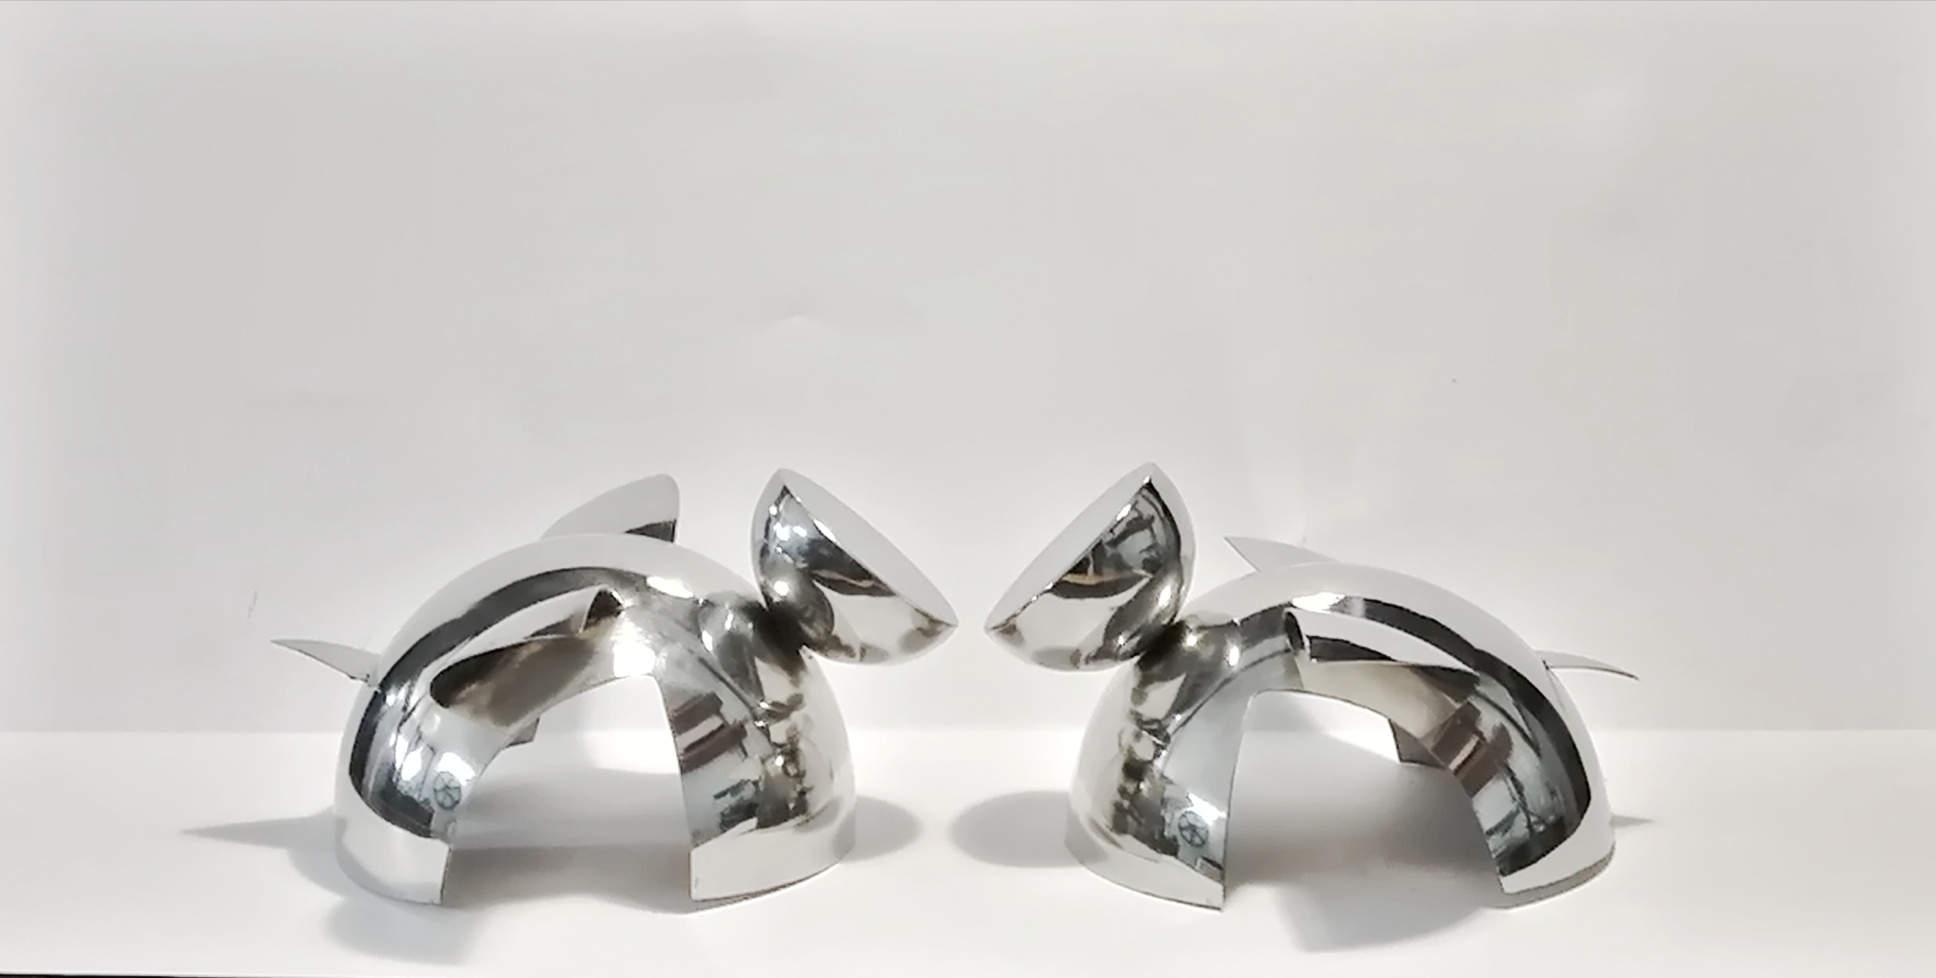 escultura en acero inoxidable igualdad tenerife